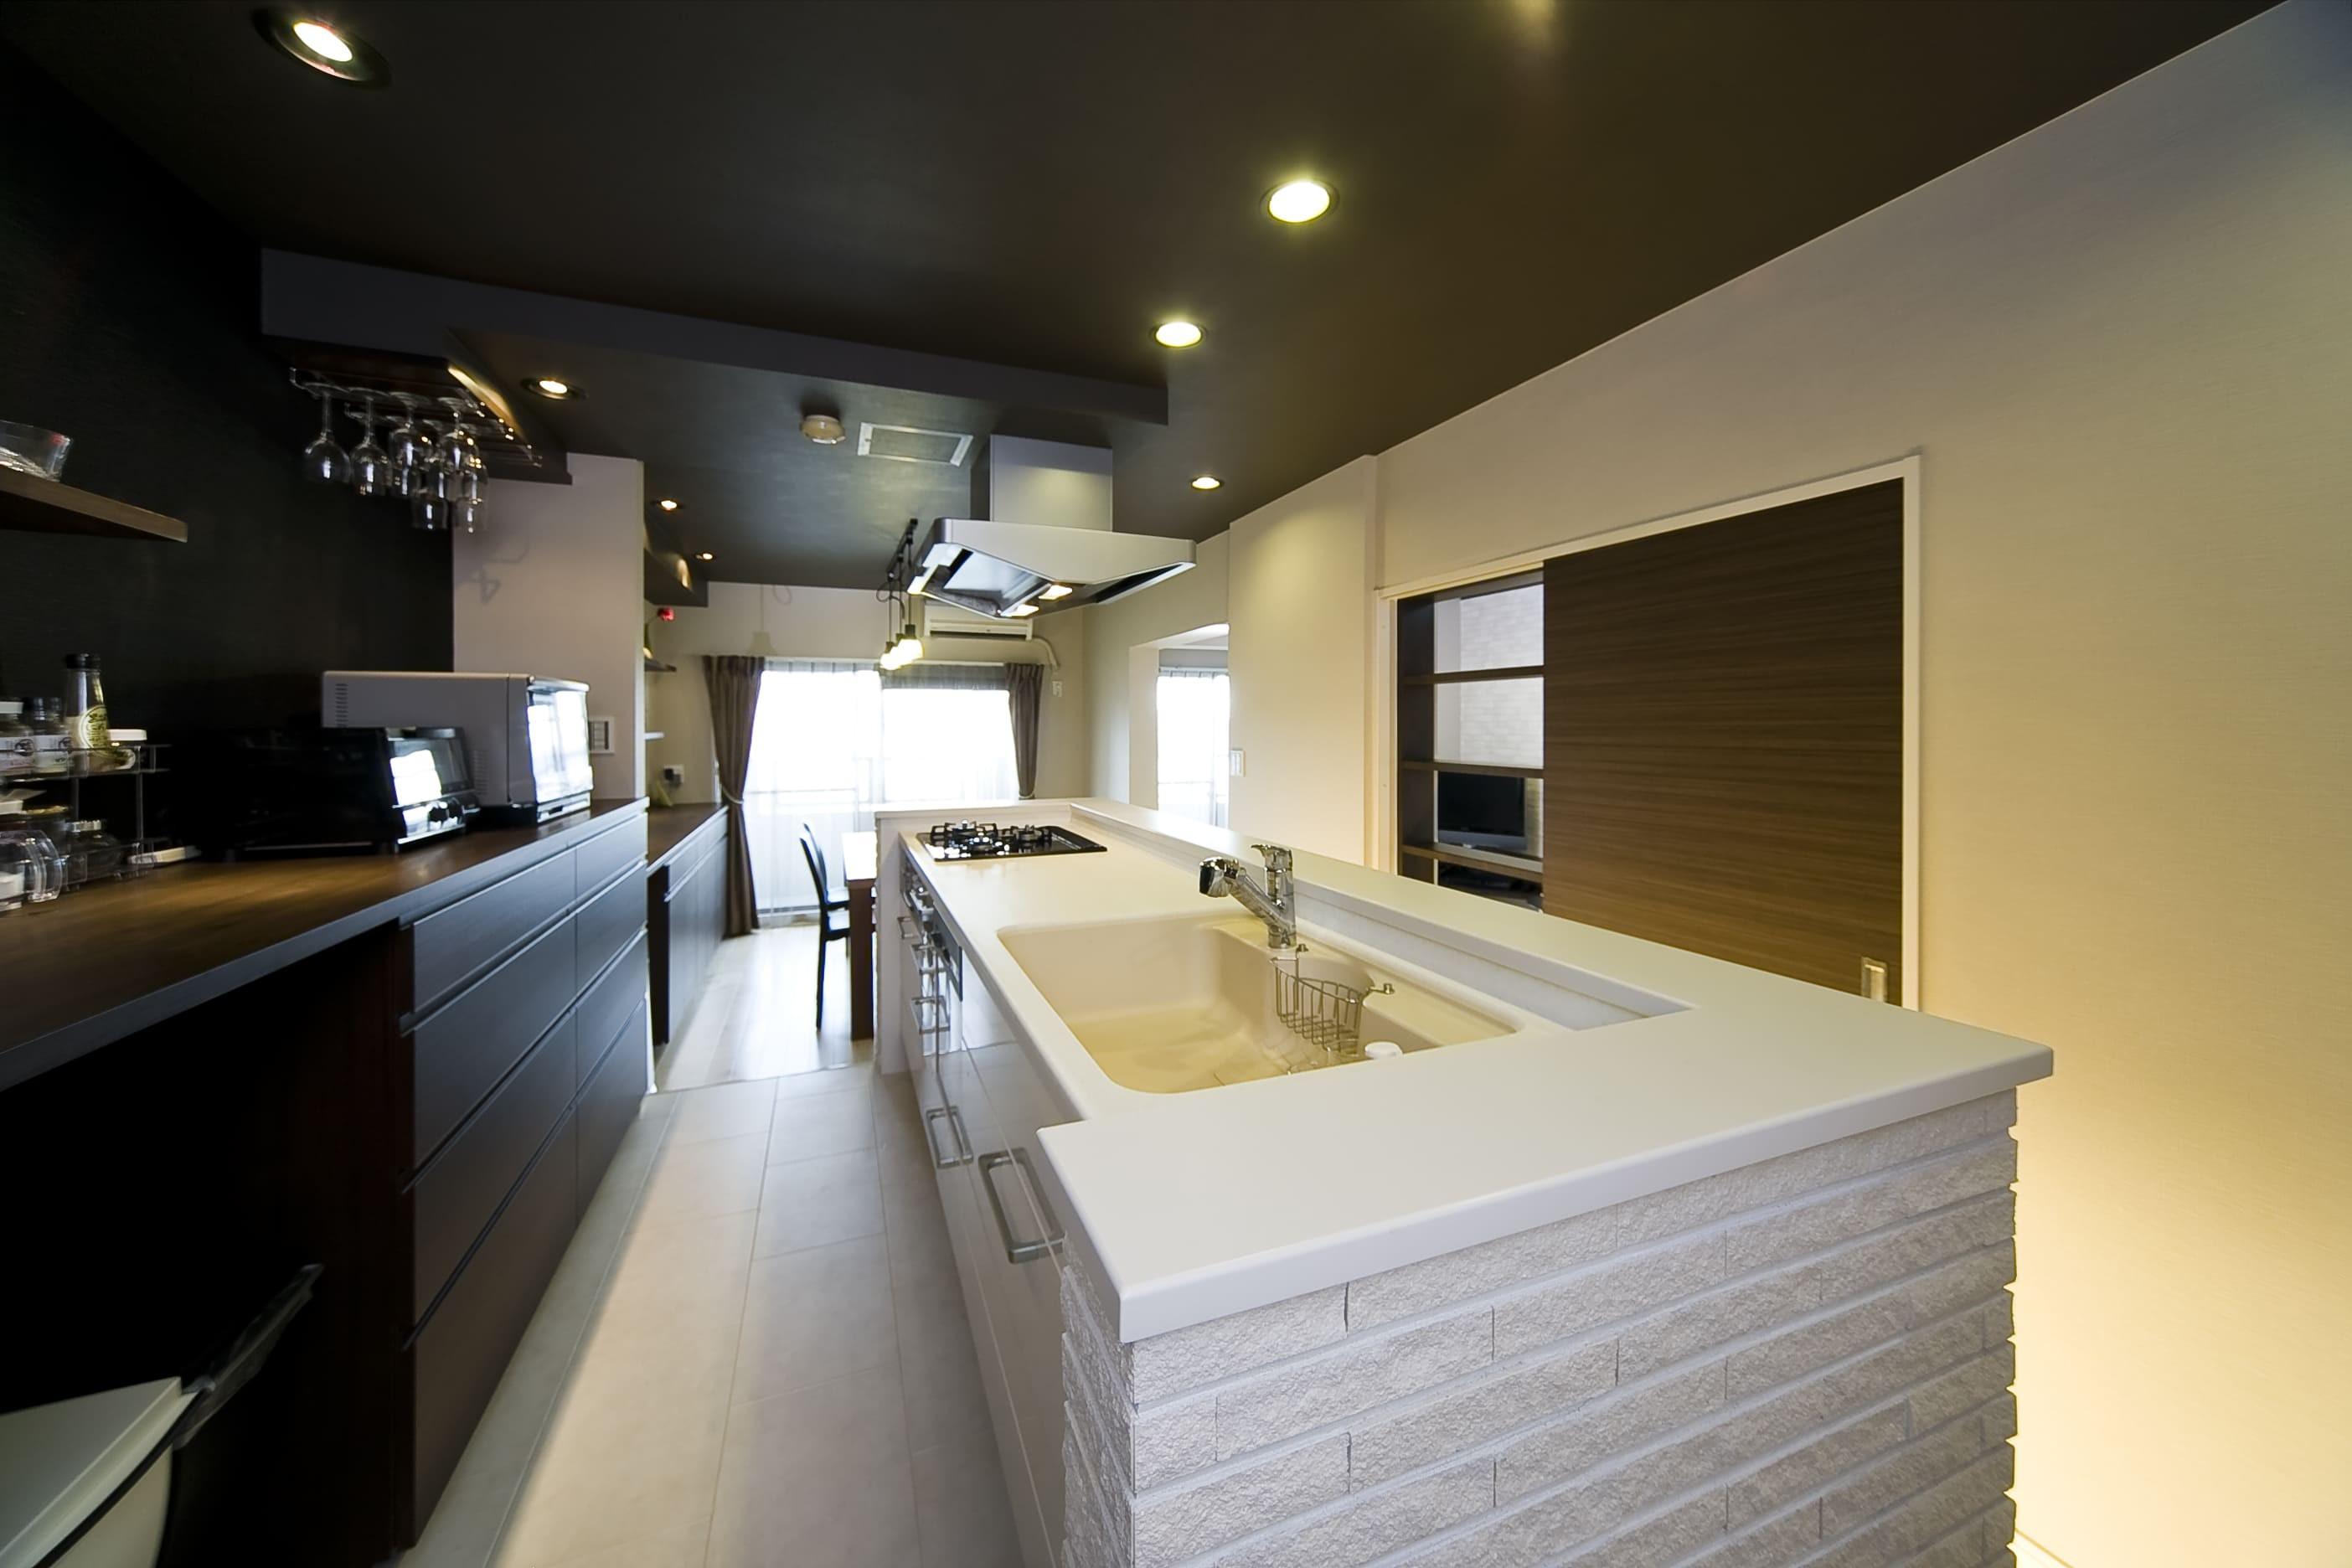 キッチン事例:キッチンは奥様希望のオープン式。(多くの制約をクリアし、ダイニングバー風の憧れの空間を実現)